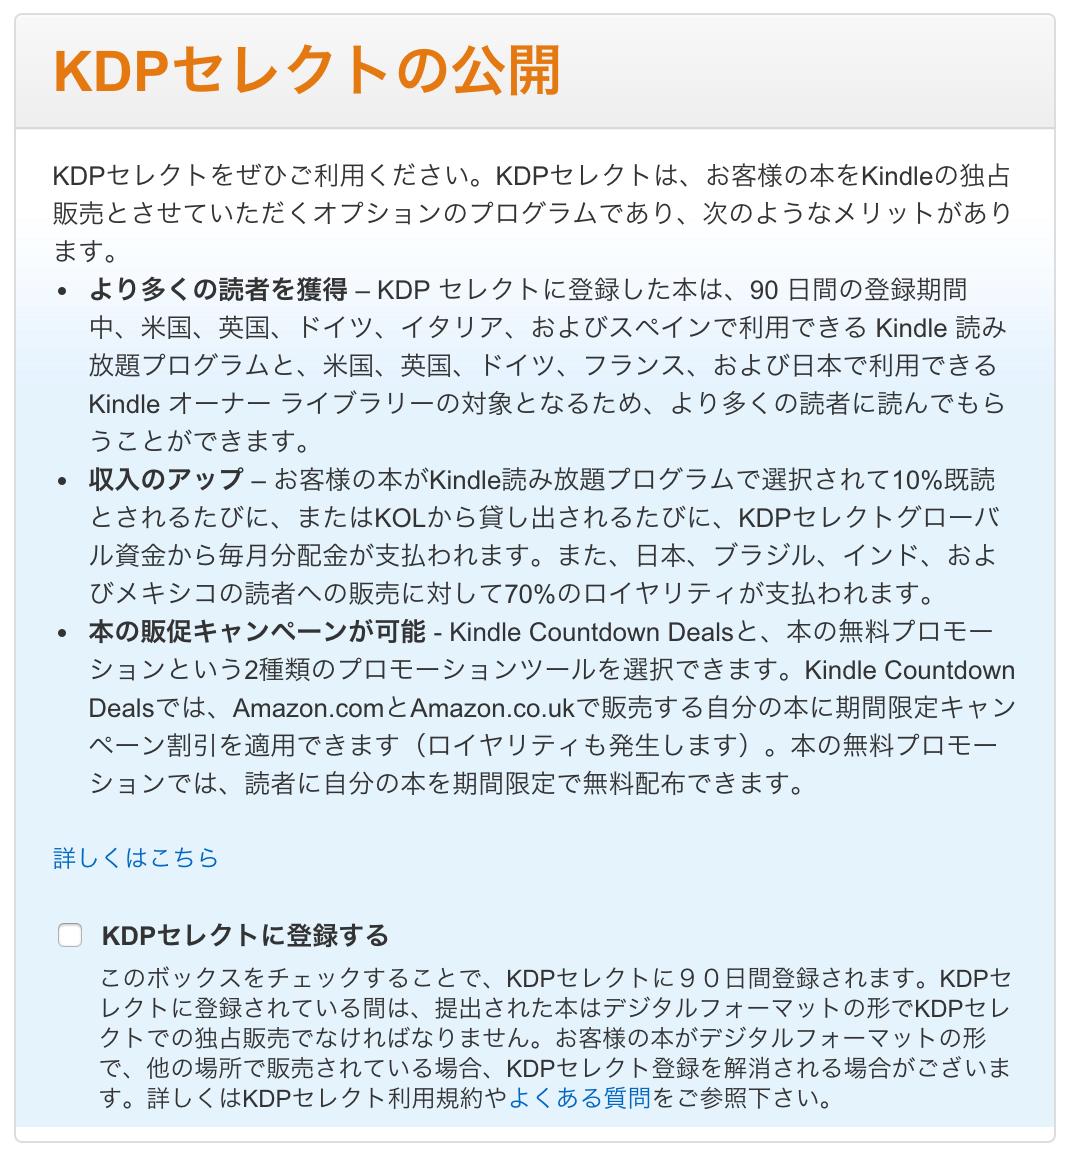 KDPセレクト登録ダイアログ